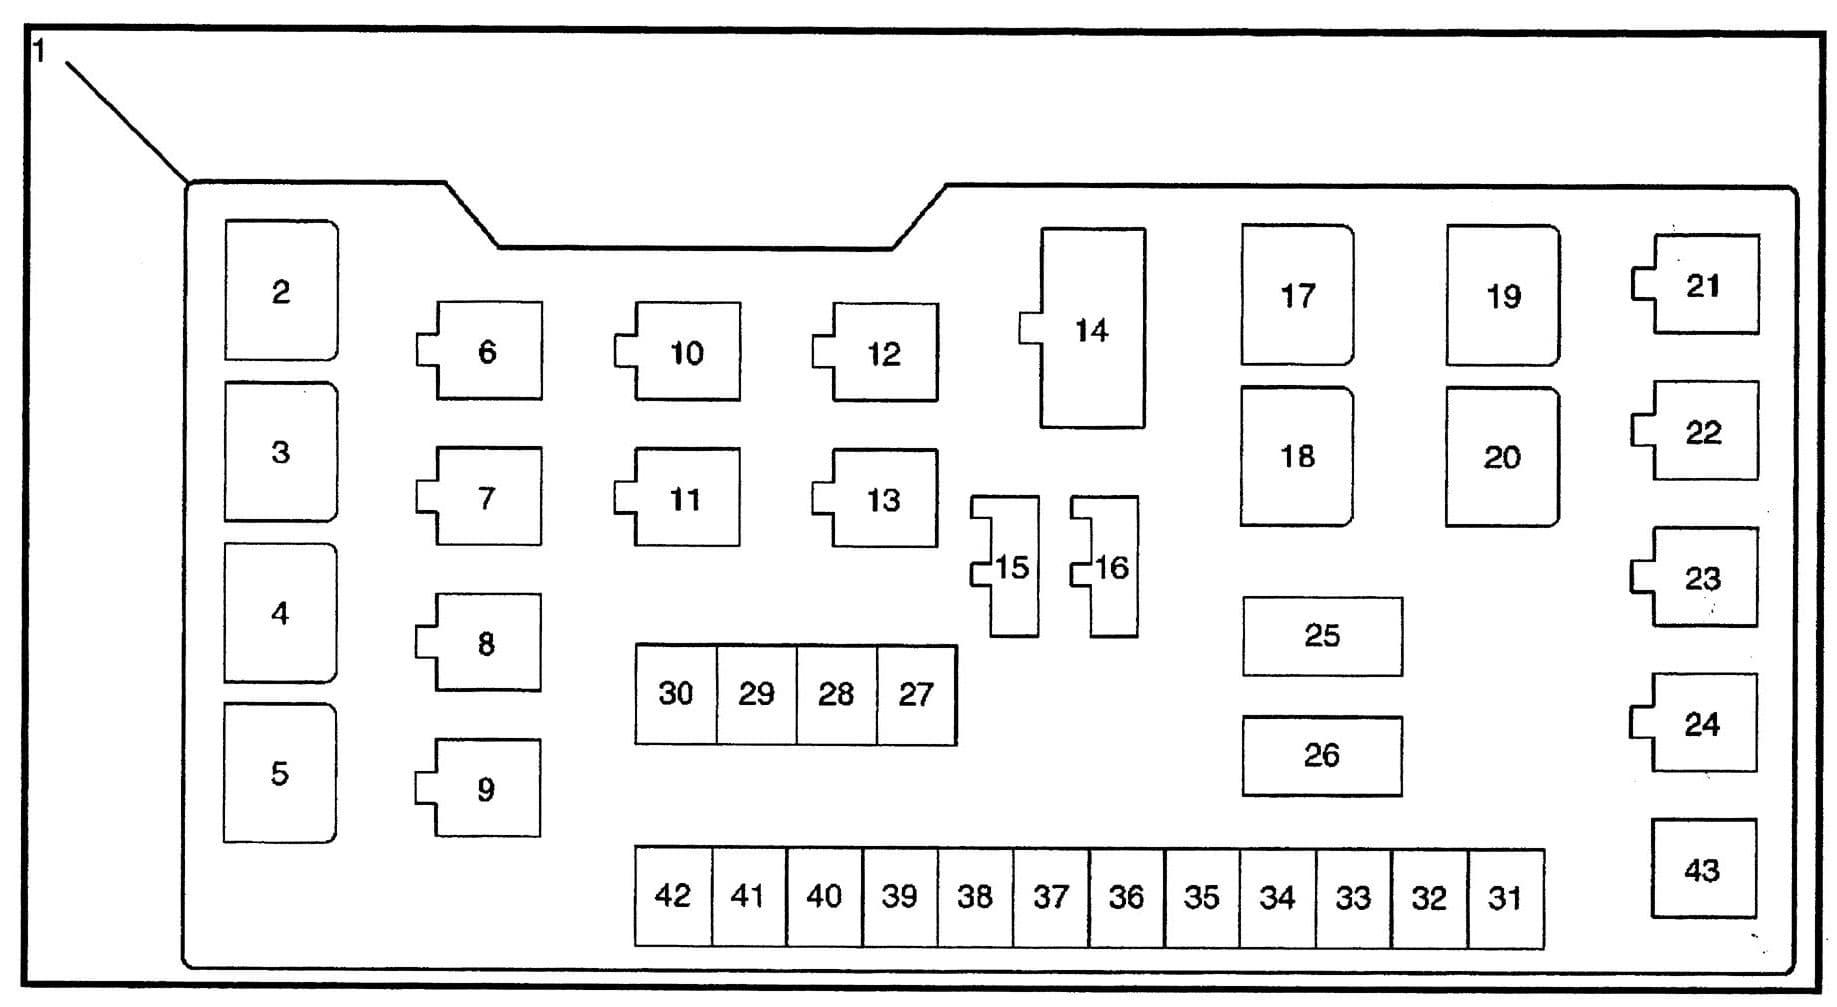 Isuzu Trooper - fuse box diagram - engine compartment